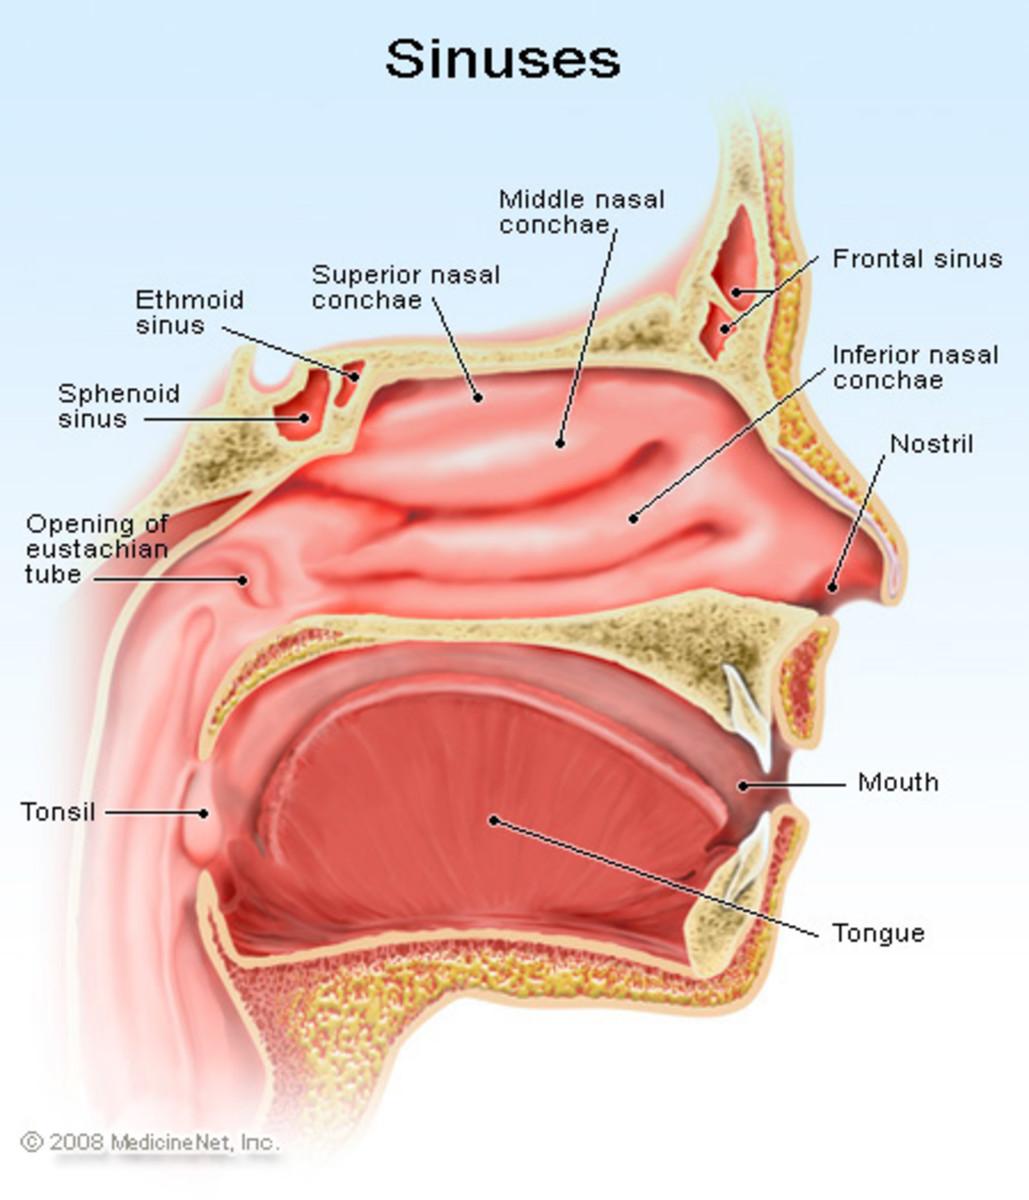 Sinus cavities